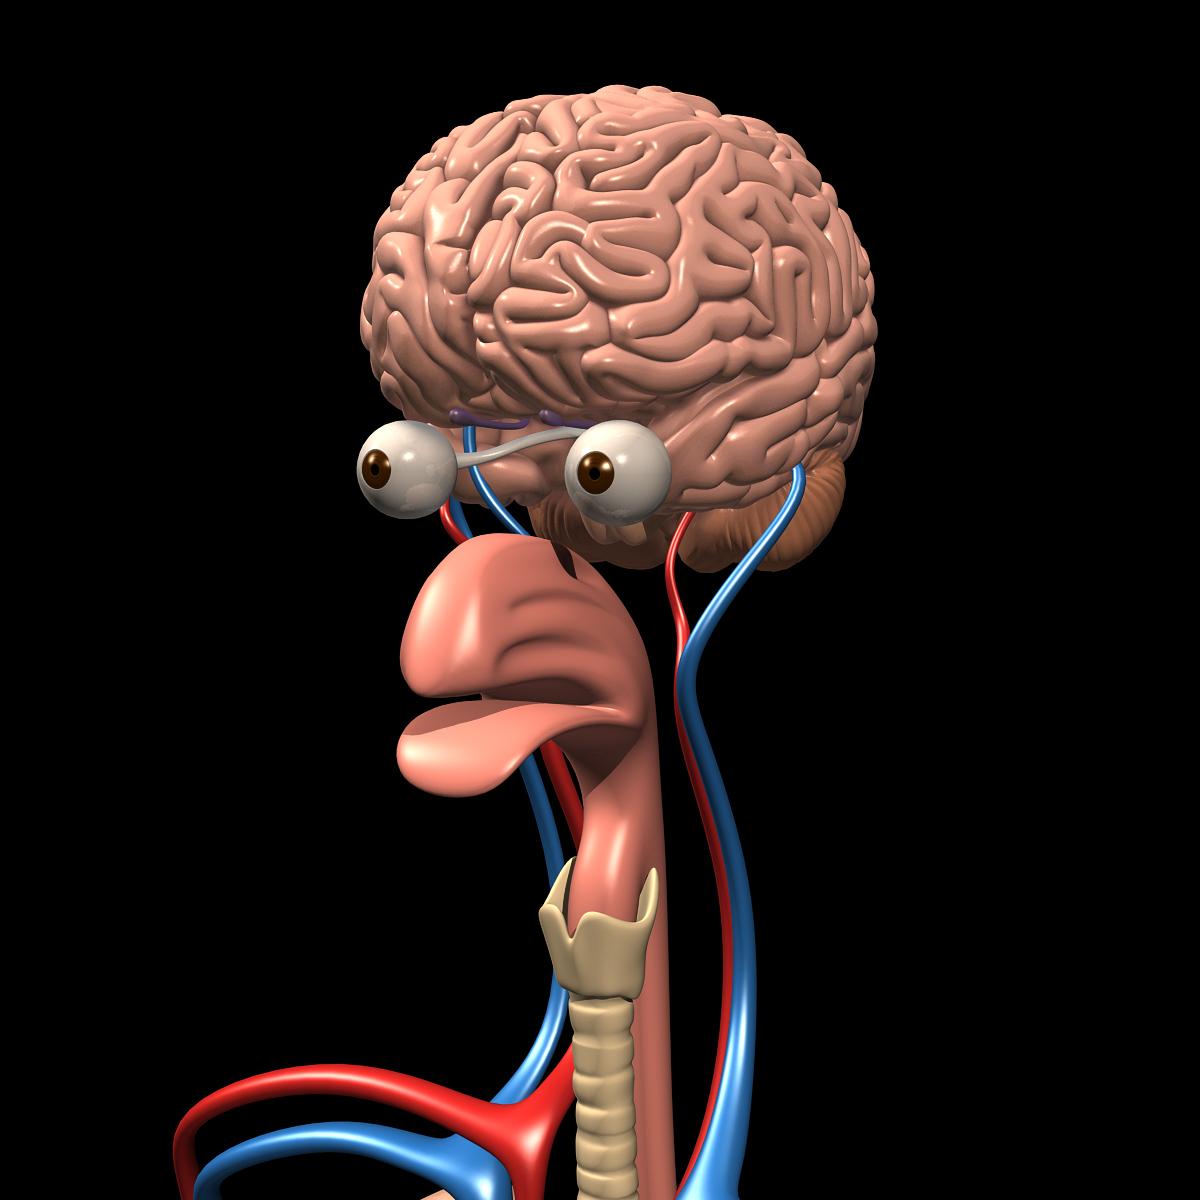 Human Anatomy & Brain – MotionCow